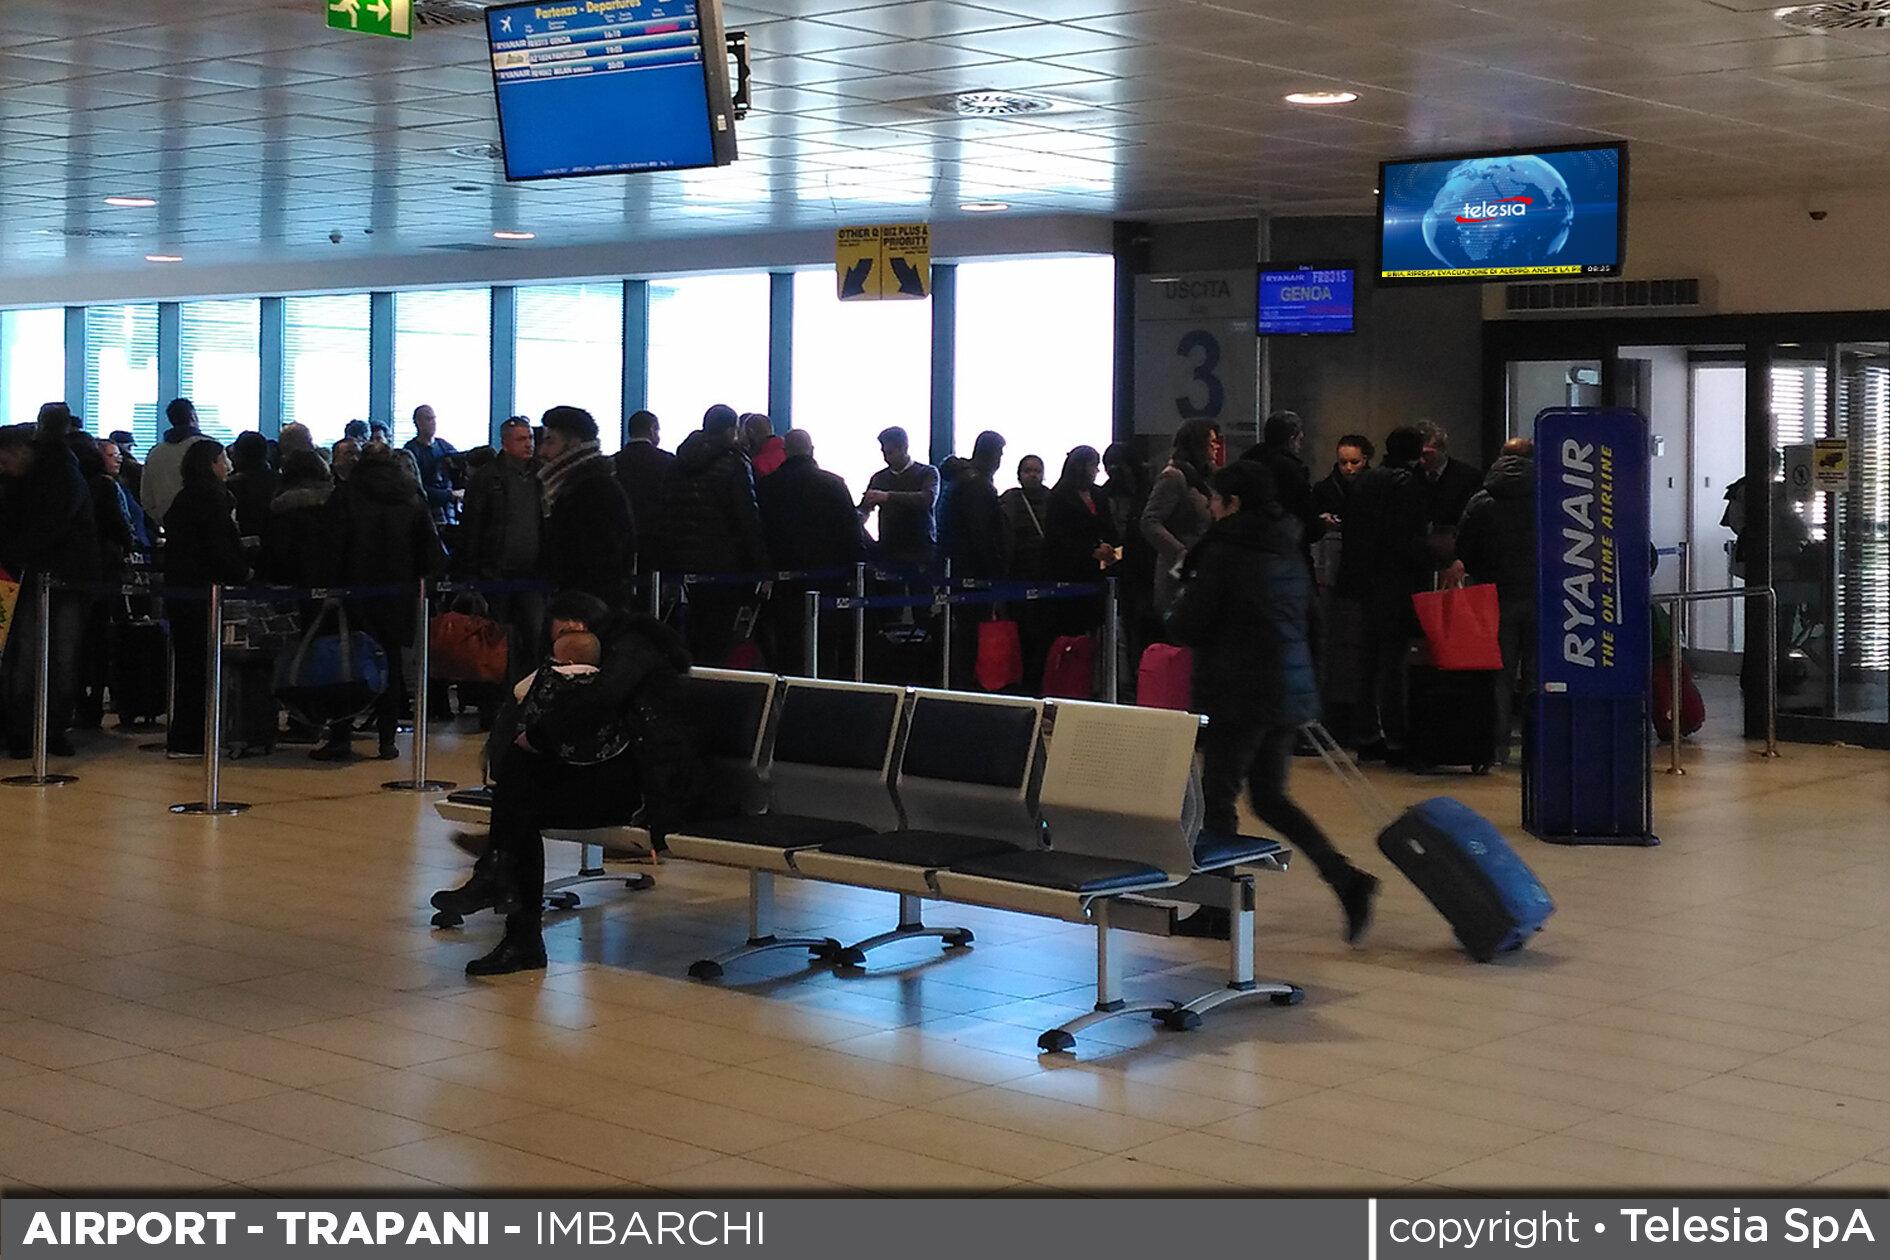 T_airportTrapani1.jpg